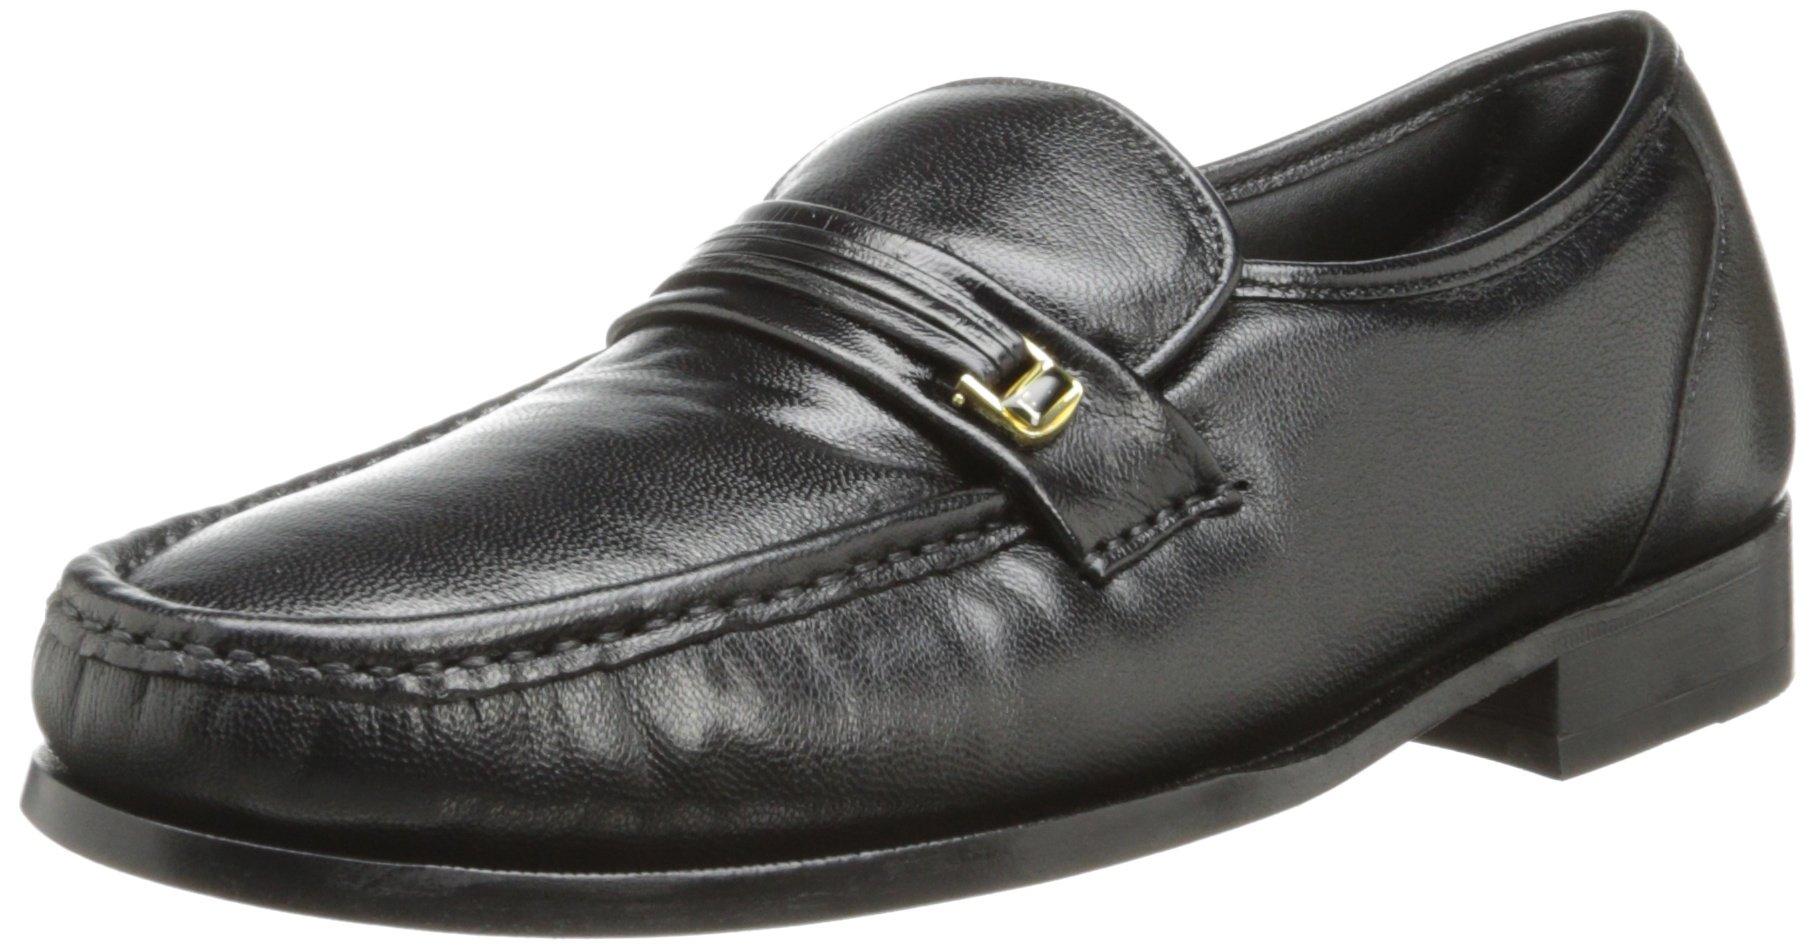 Florsheim Men's Dancer Loafer,Black,13 D